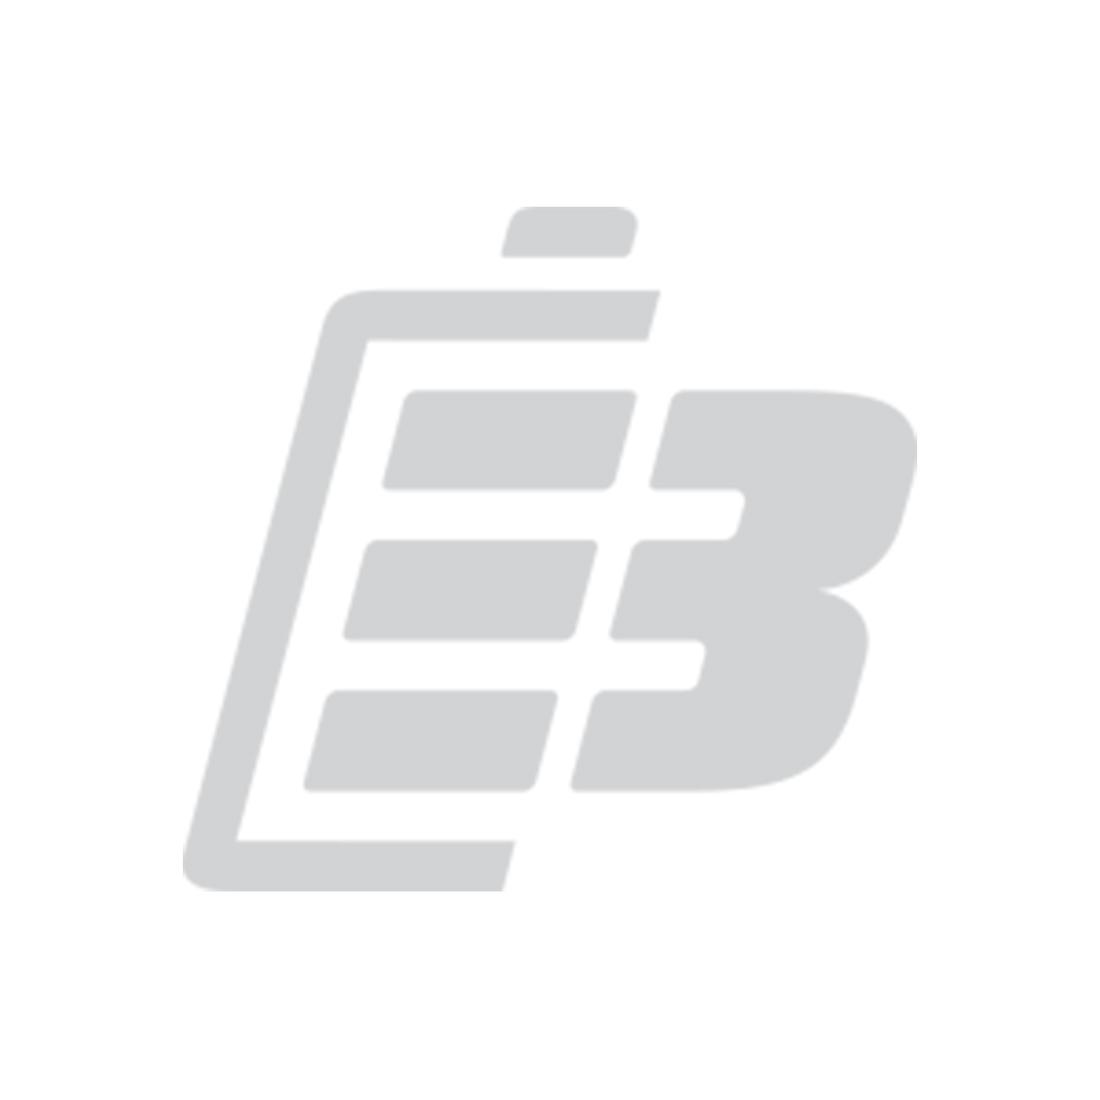 Μπαταρία ηλεκτρικού εργαλείου Bosch 18V 4.0Ah Li_1